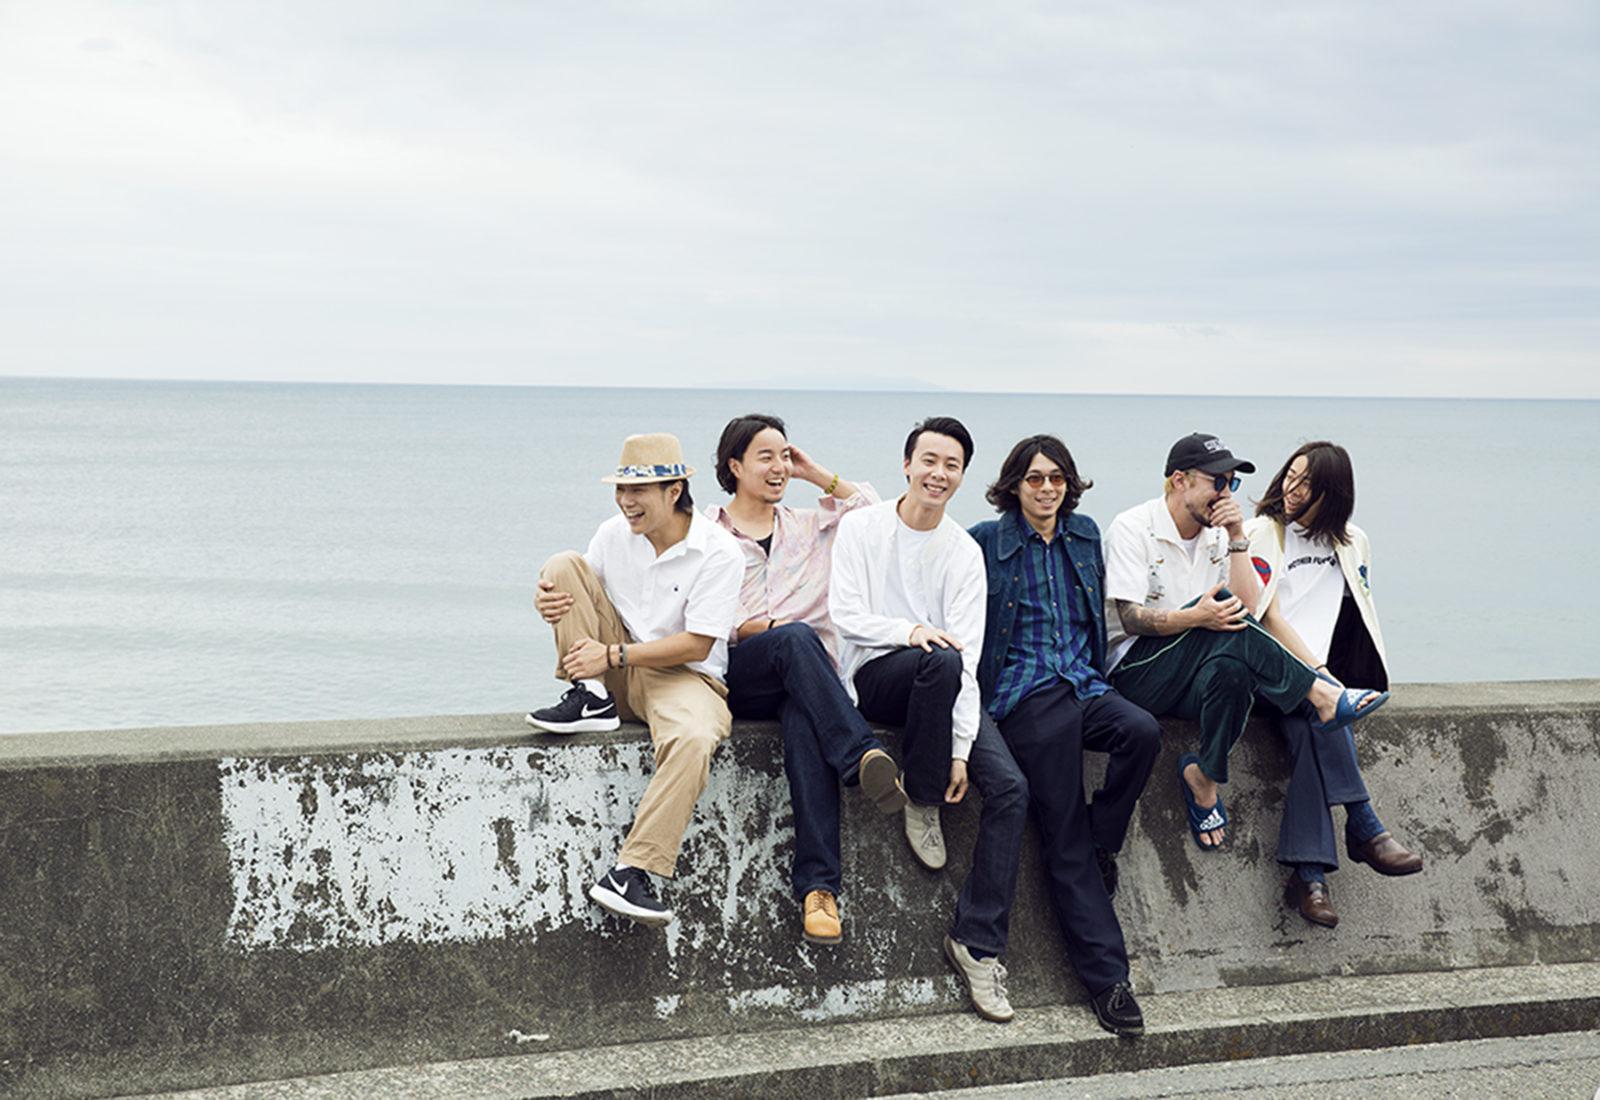 「レコ大」最優秀アルバム賞受賞のSuchmos、2万5千人動員の全国ツアーファイナルと同時に「WIPER」MV公開サムネイル画像